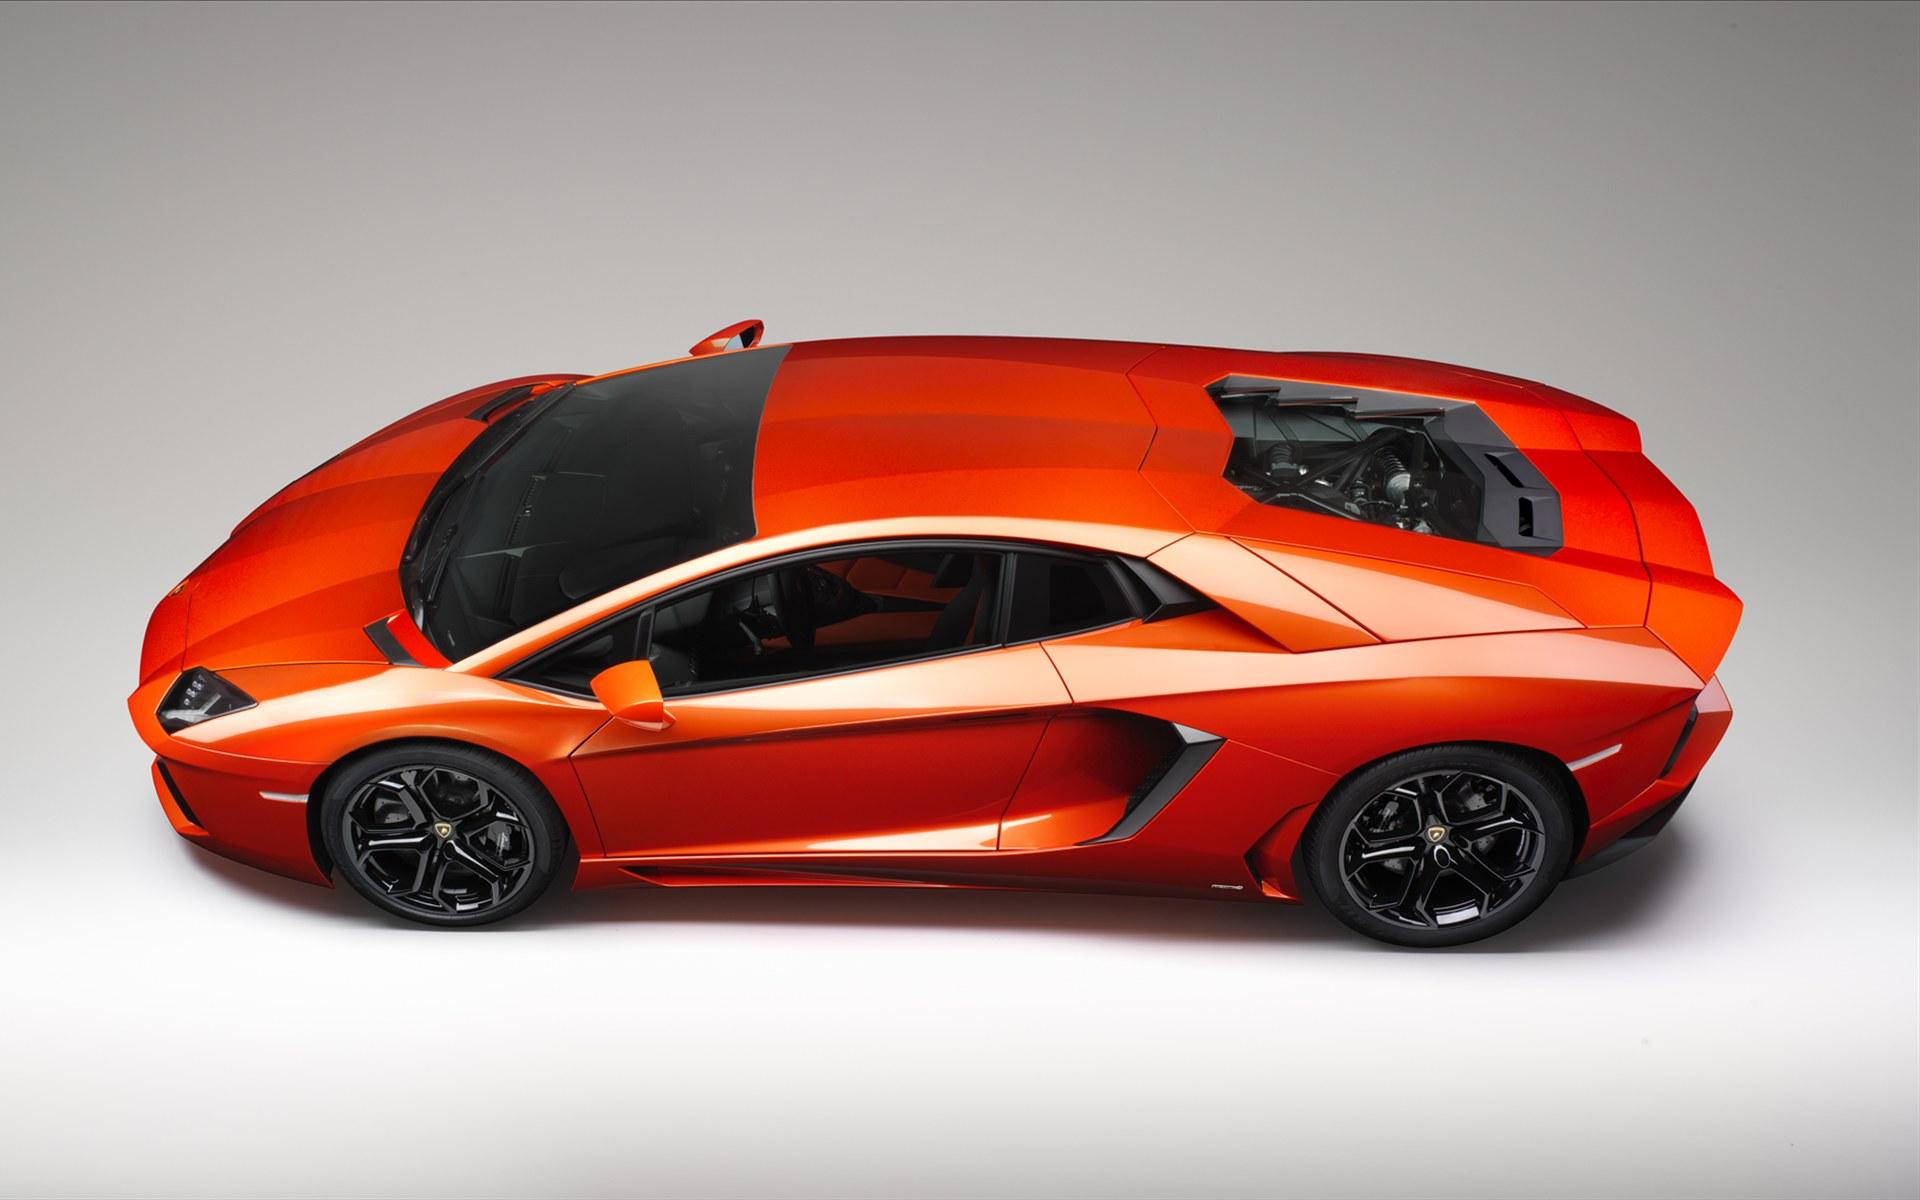 Image Result For Wallpaper Lamborghini Melbourne Price